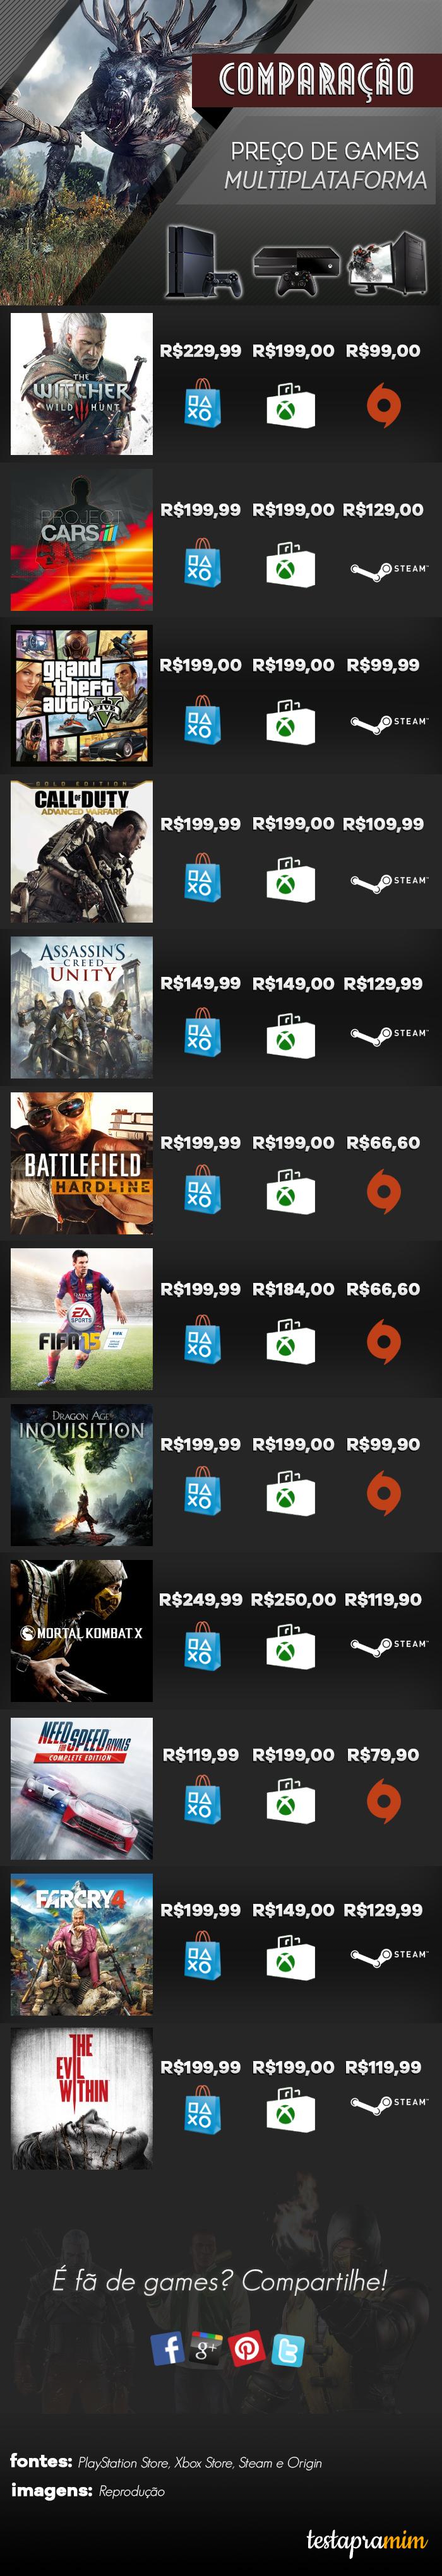 Infográfico comparação de preços games nova geração PCs e consoles